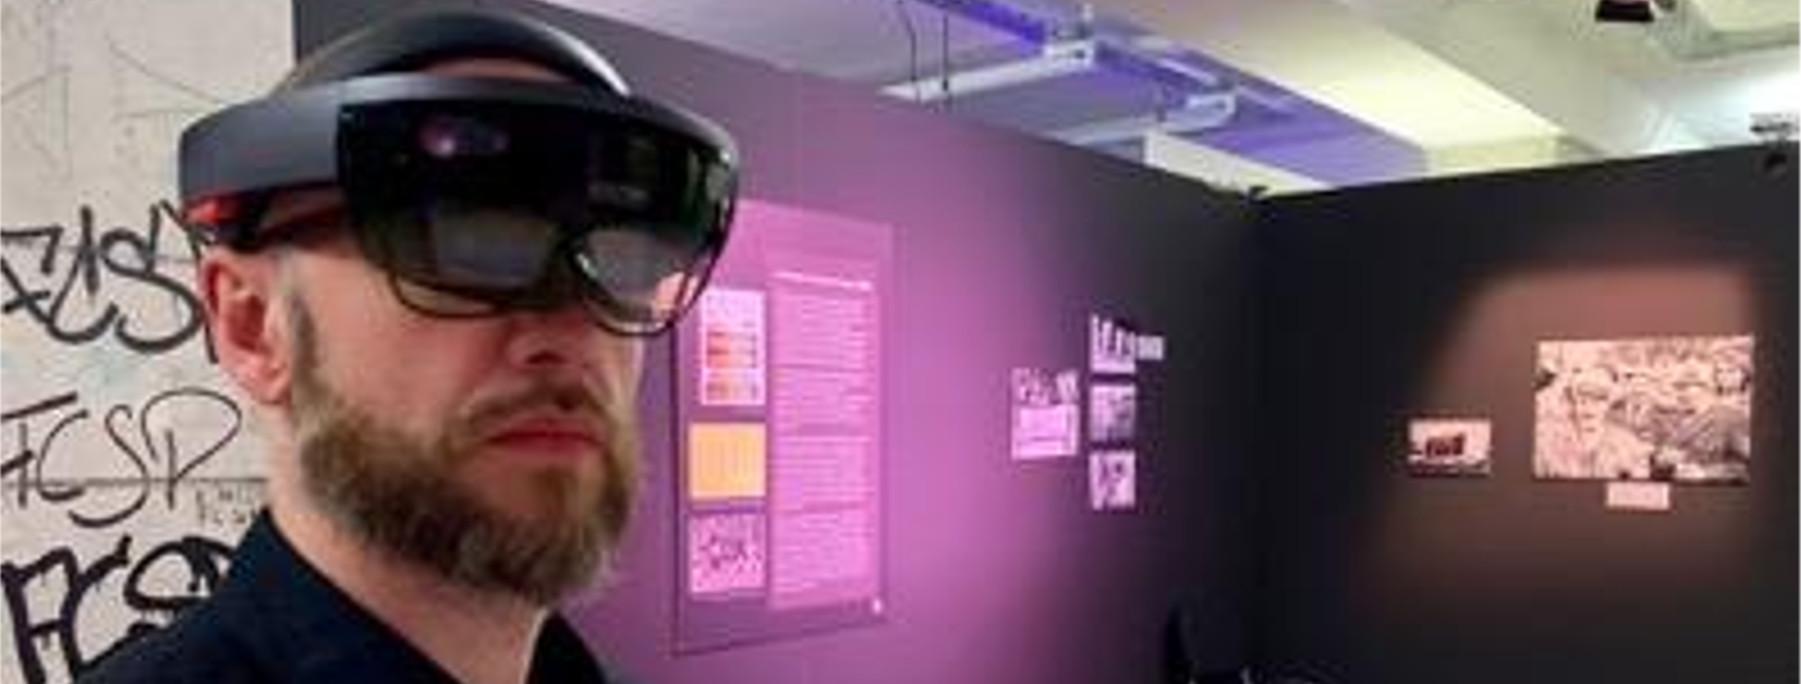 Person mit der Hololens-Brille im St. Pauli Museum